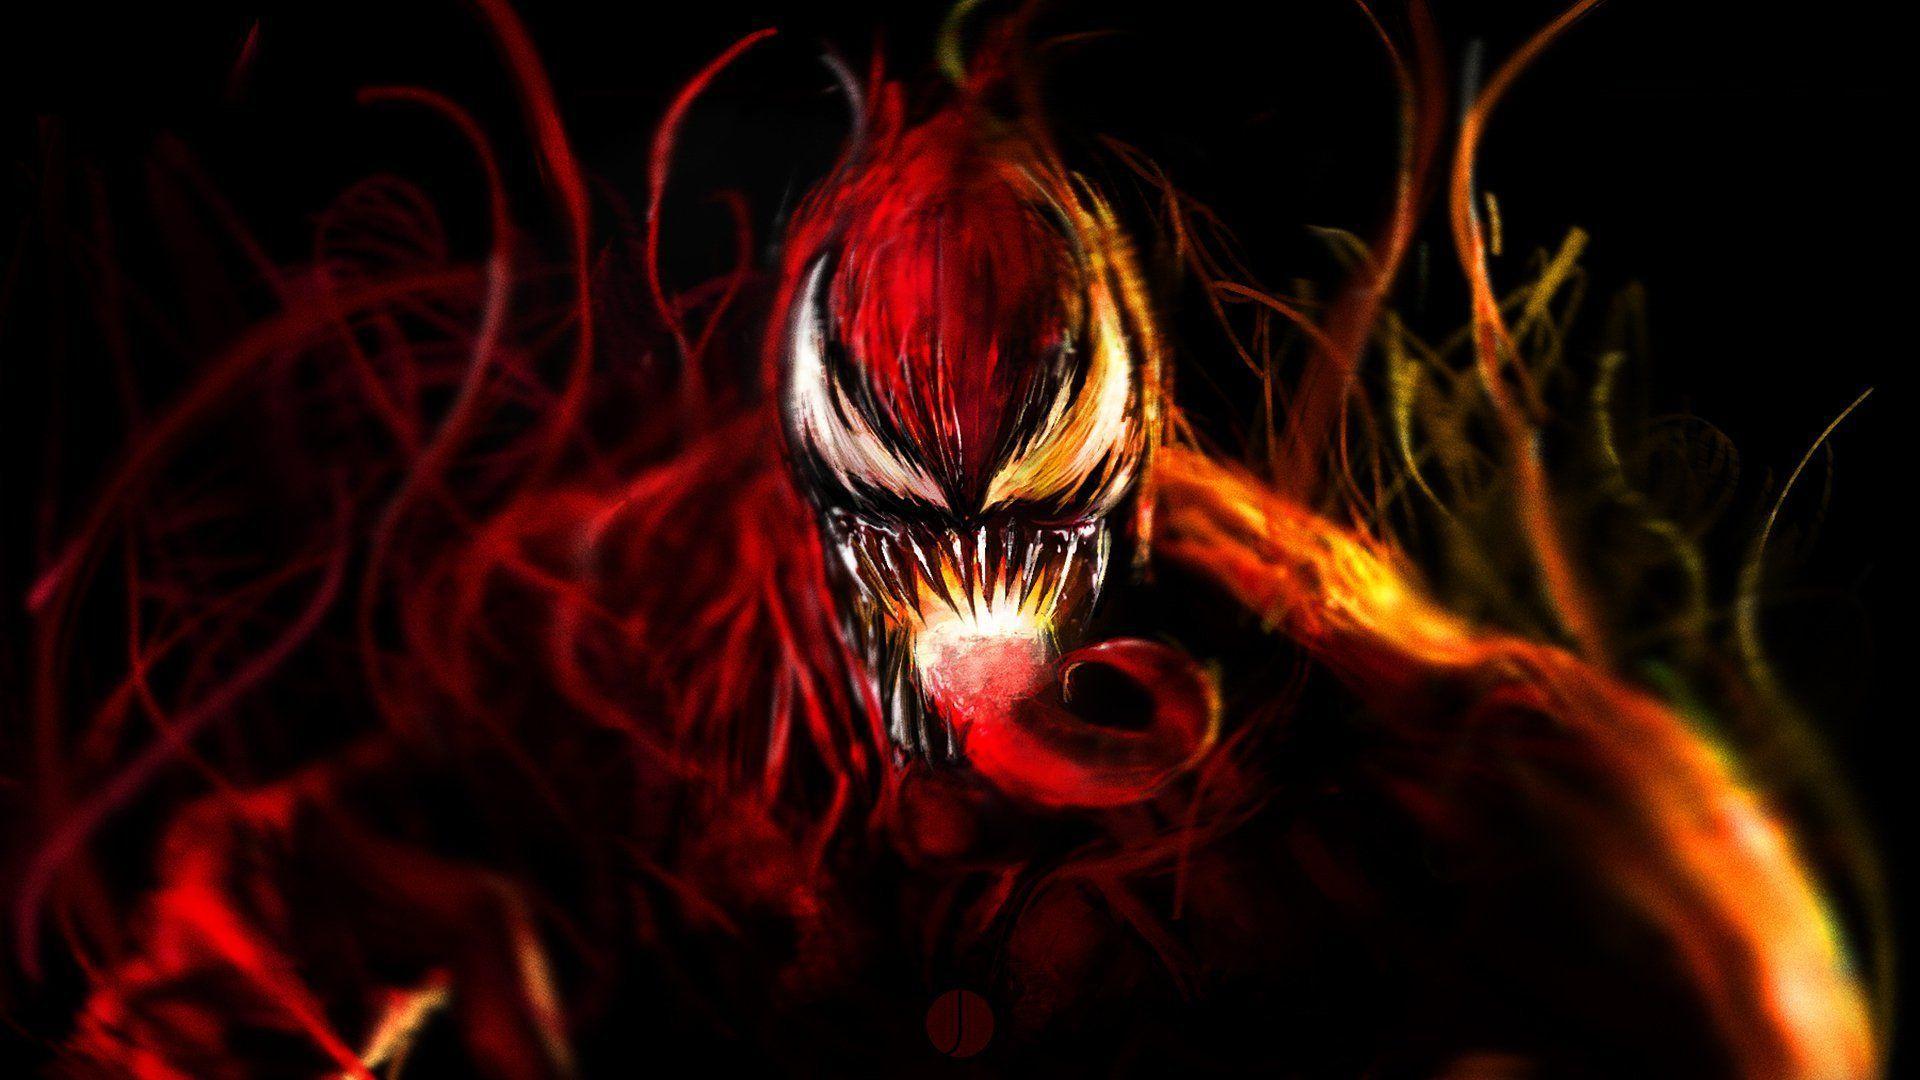 1920x1080 Anti Venom Wallpaper 1280x1024